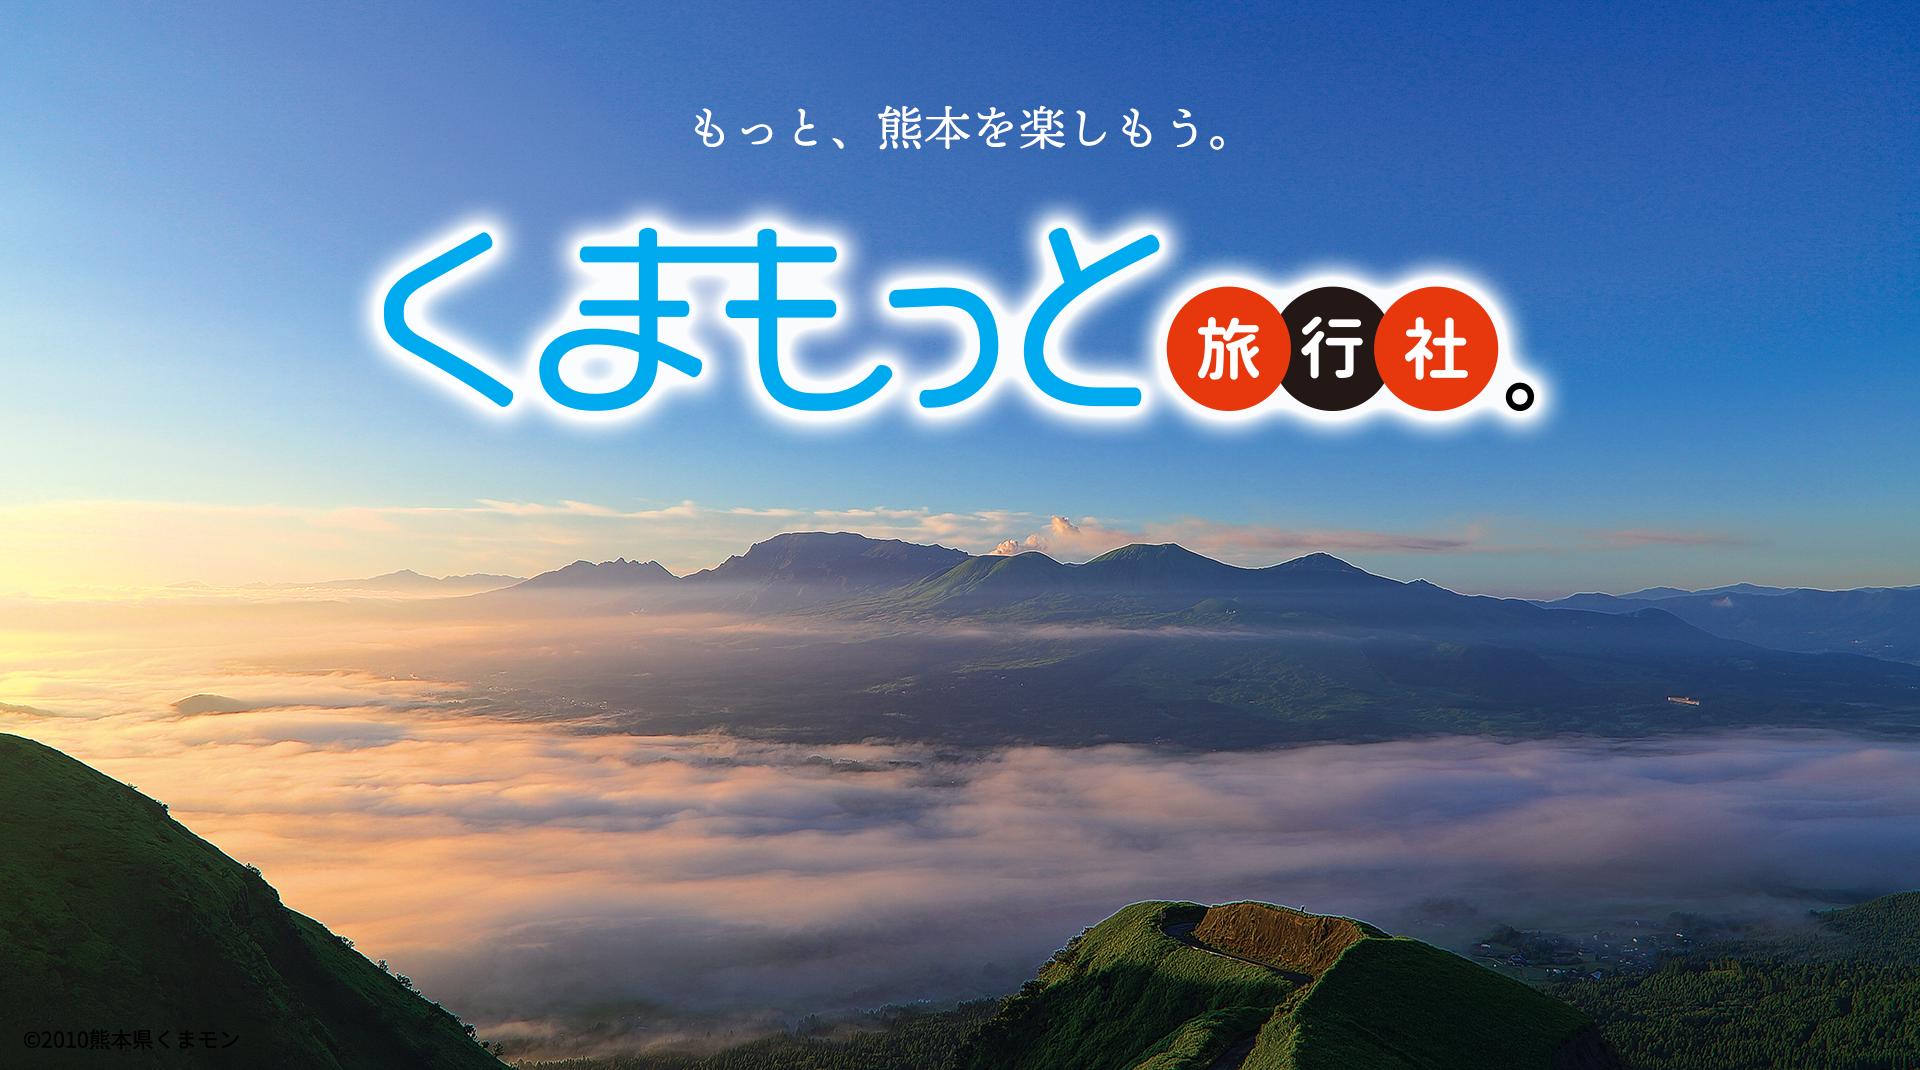 もっと、熊本を楽しもう。くまもっと旅行社。イメージ